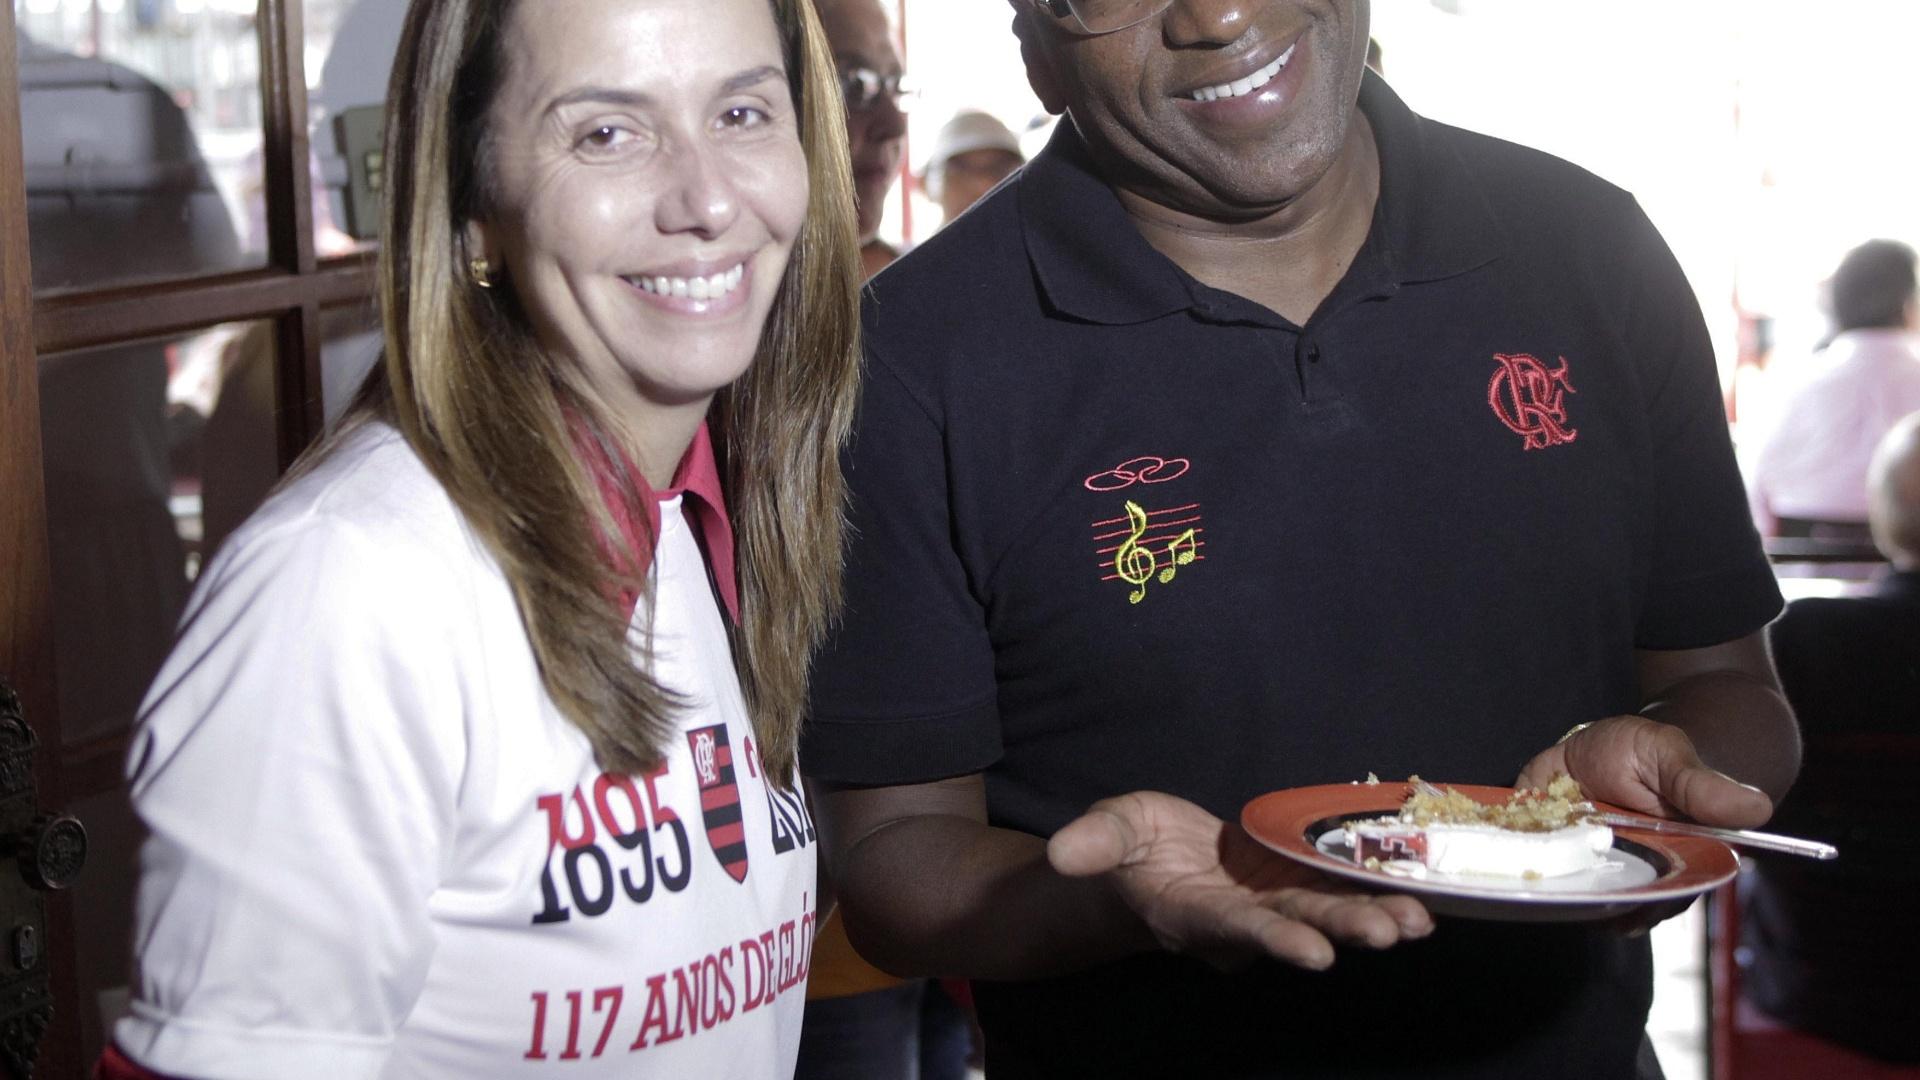 15.nov.2012 Patrícia Amorim divide bolo com convidados na festa de 117 anos do Flamengo